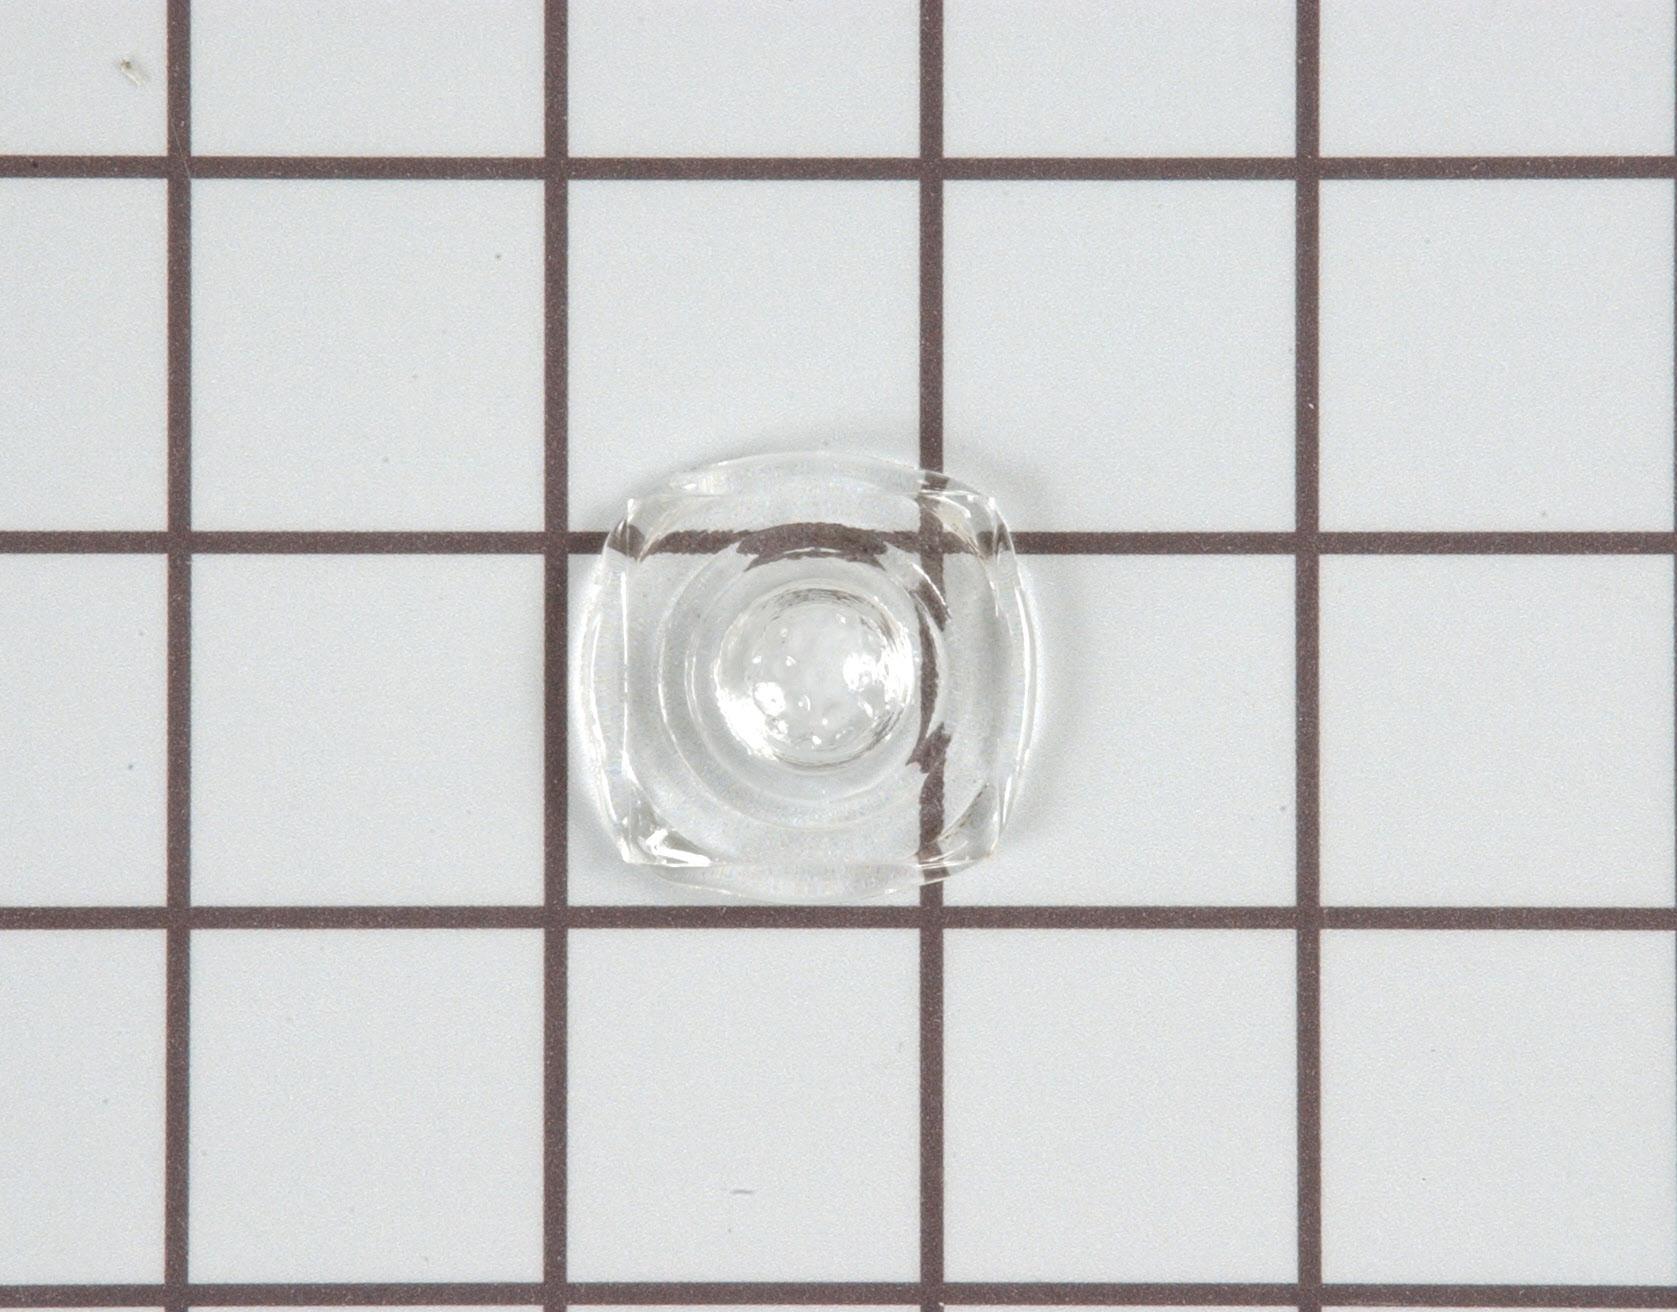 KitchenAid Microwave Part # W11193483 - Light Lens